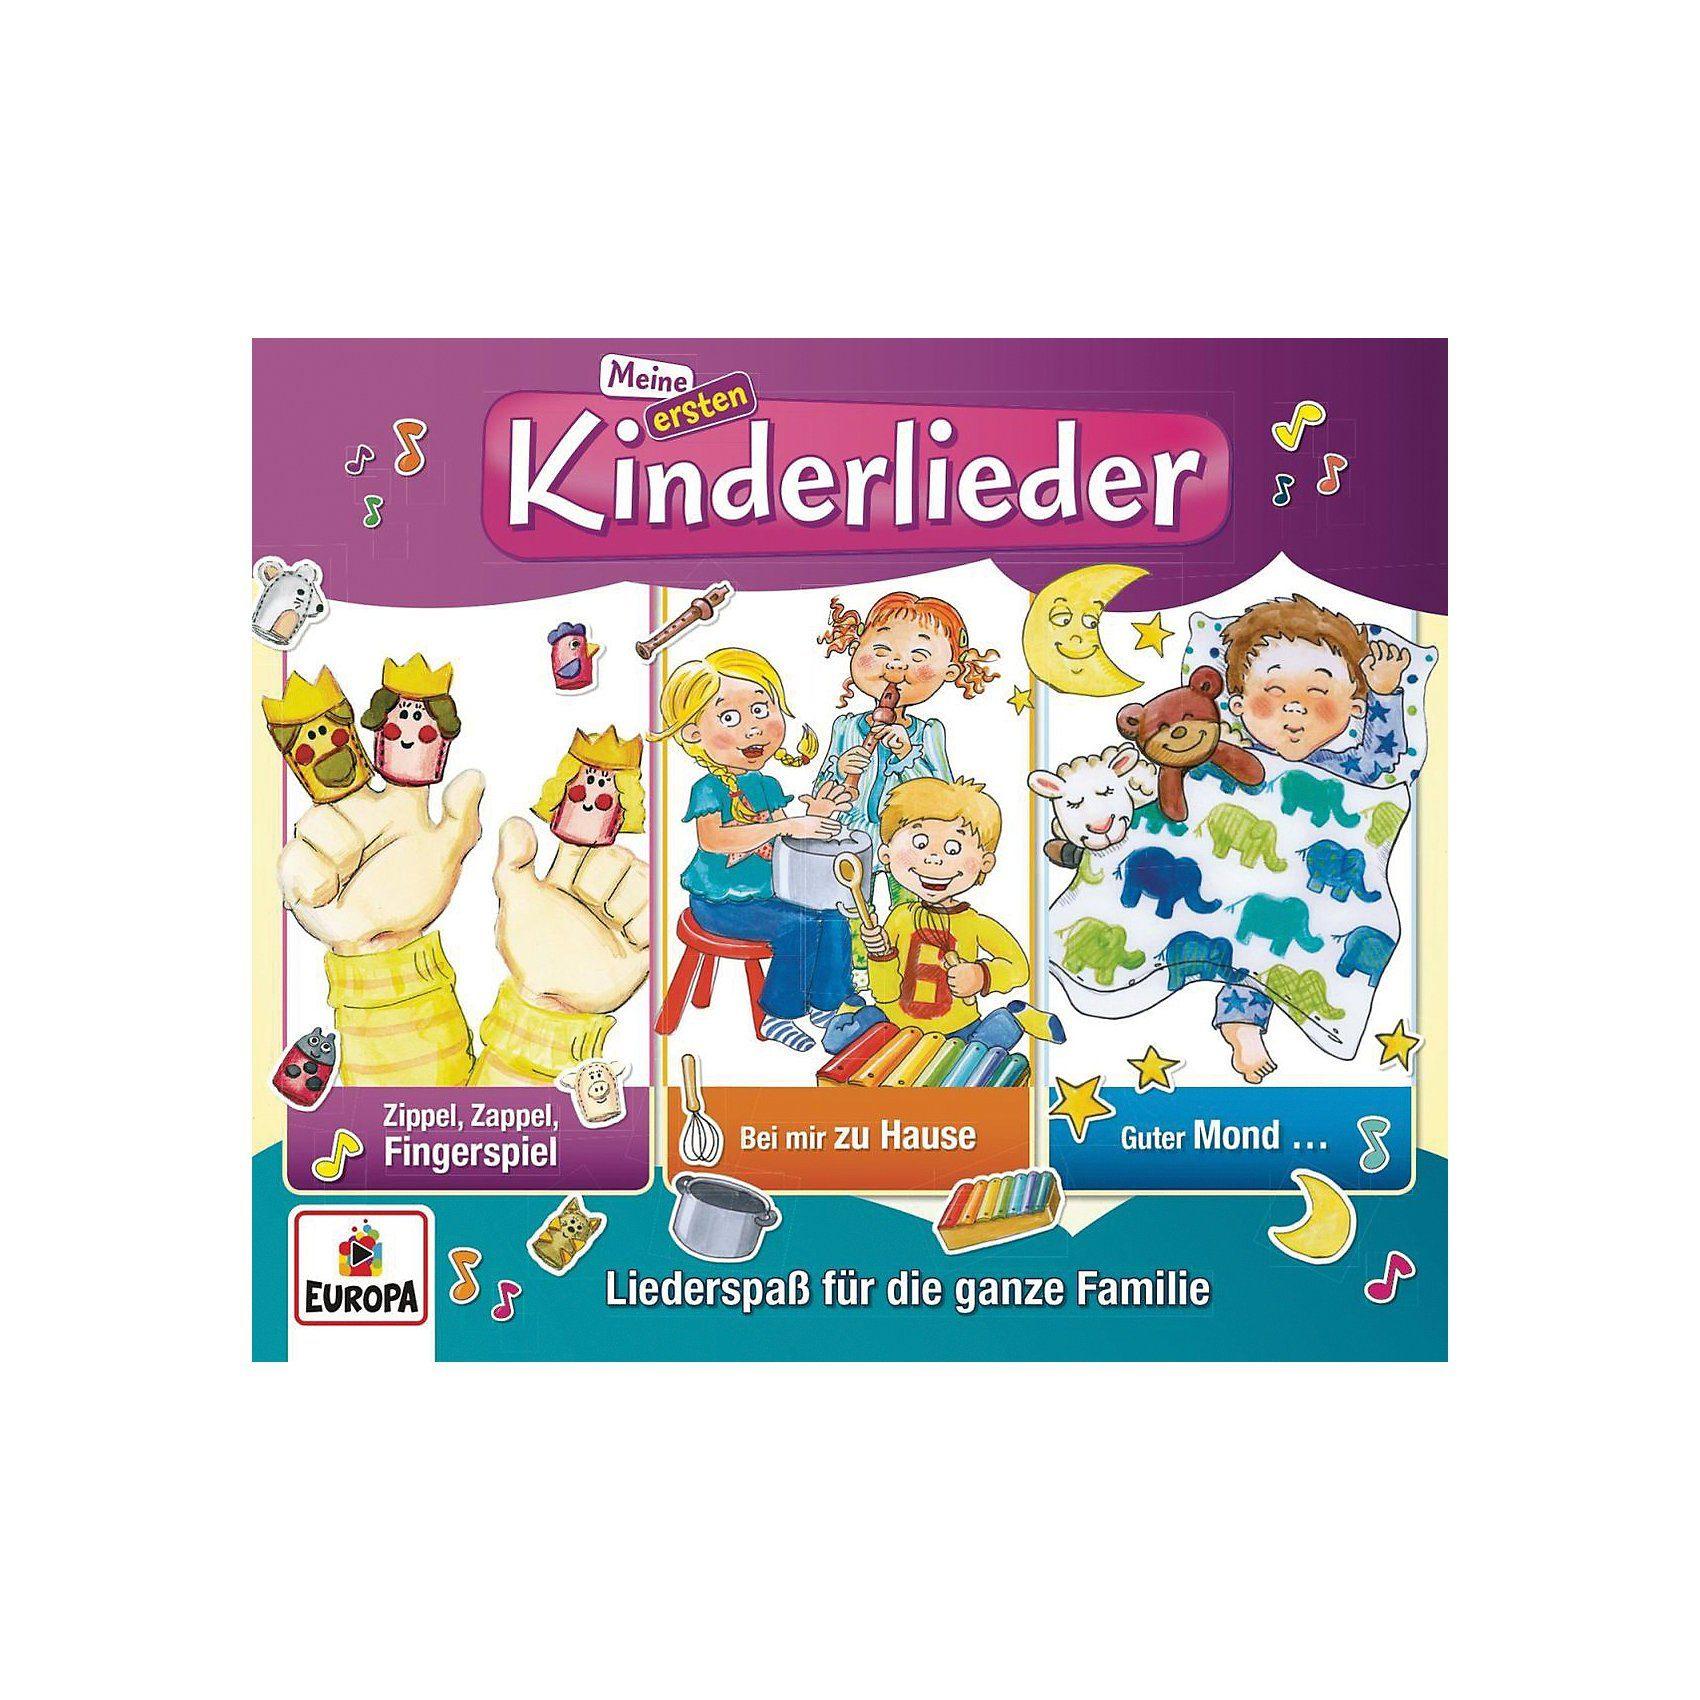 Sony CD Kinderliederbande - Meine ersten Kinderlieder 2 (3er Box)